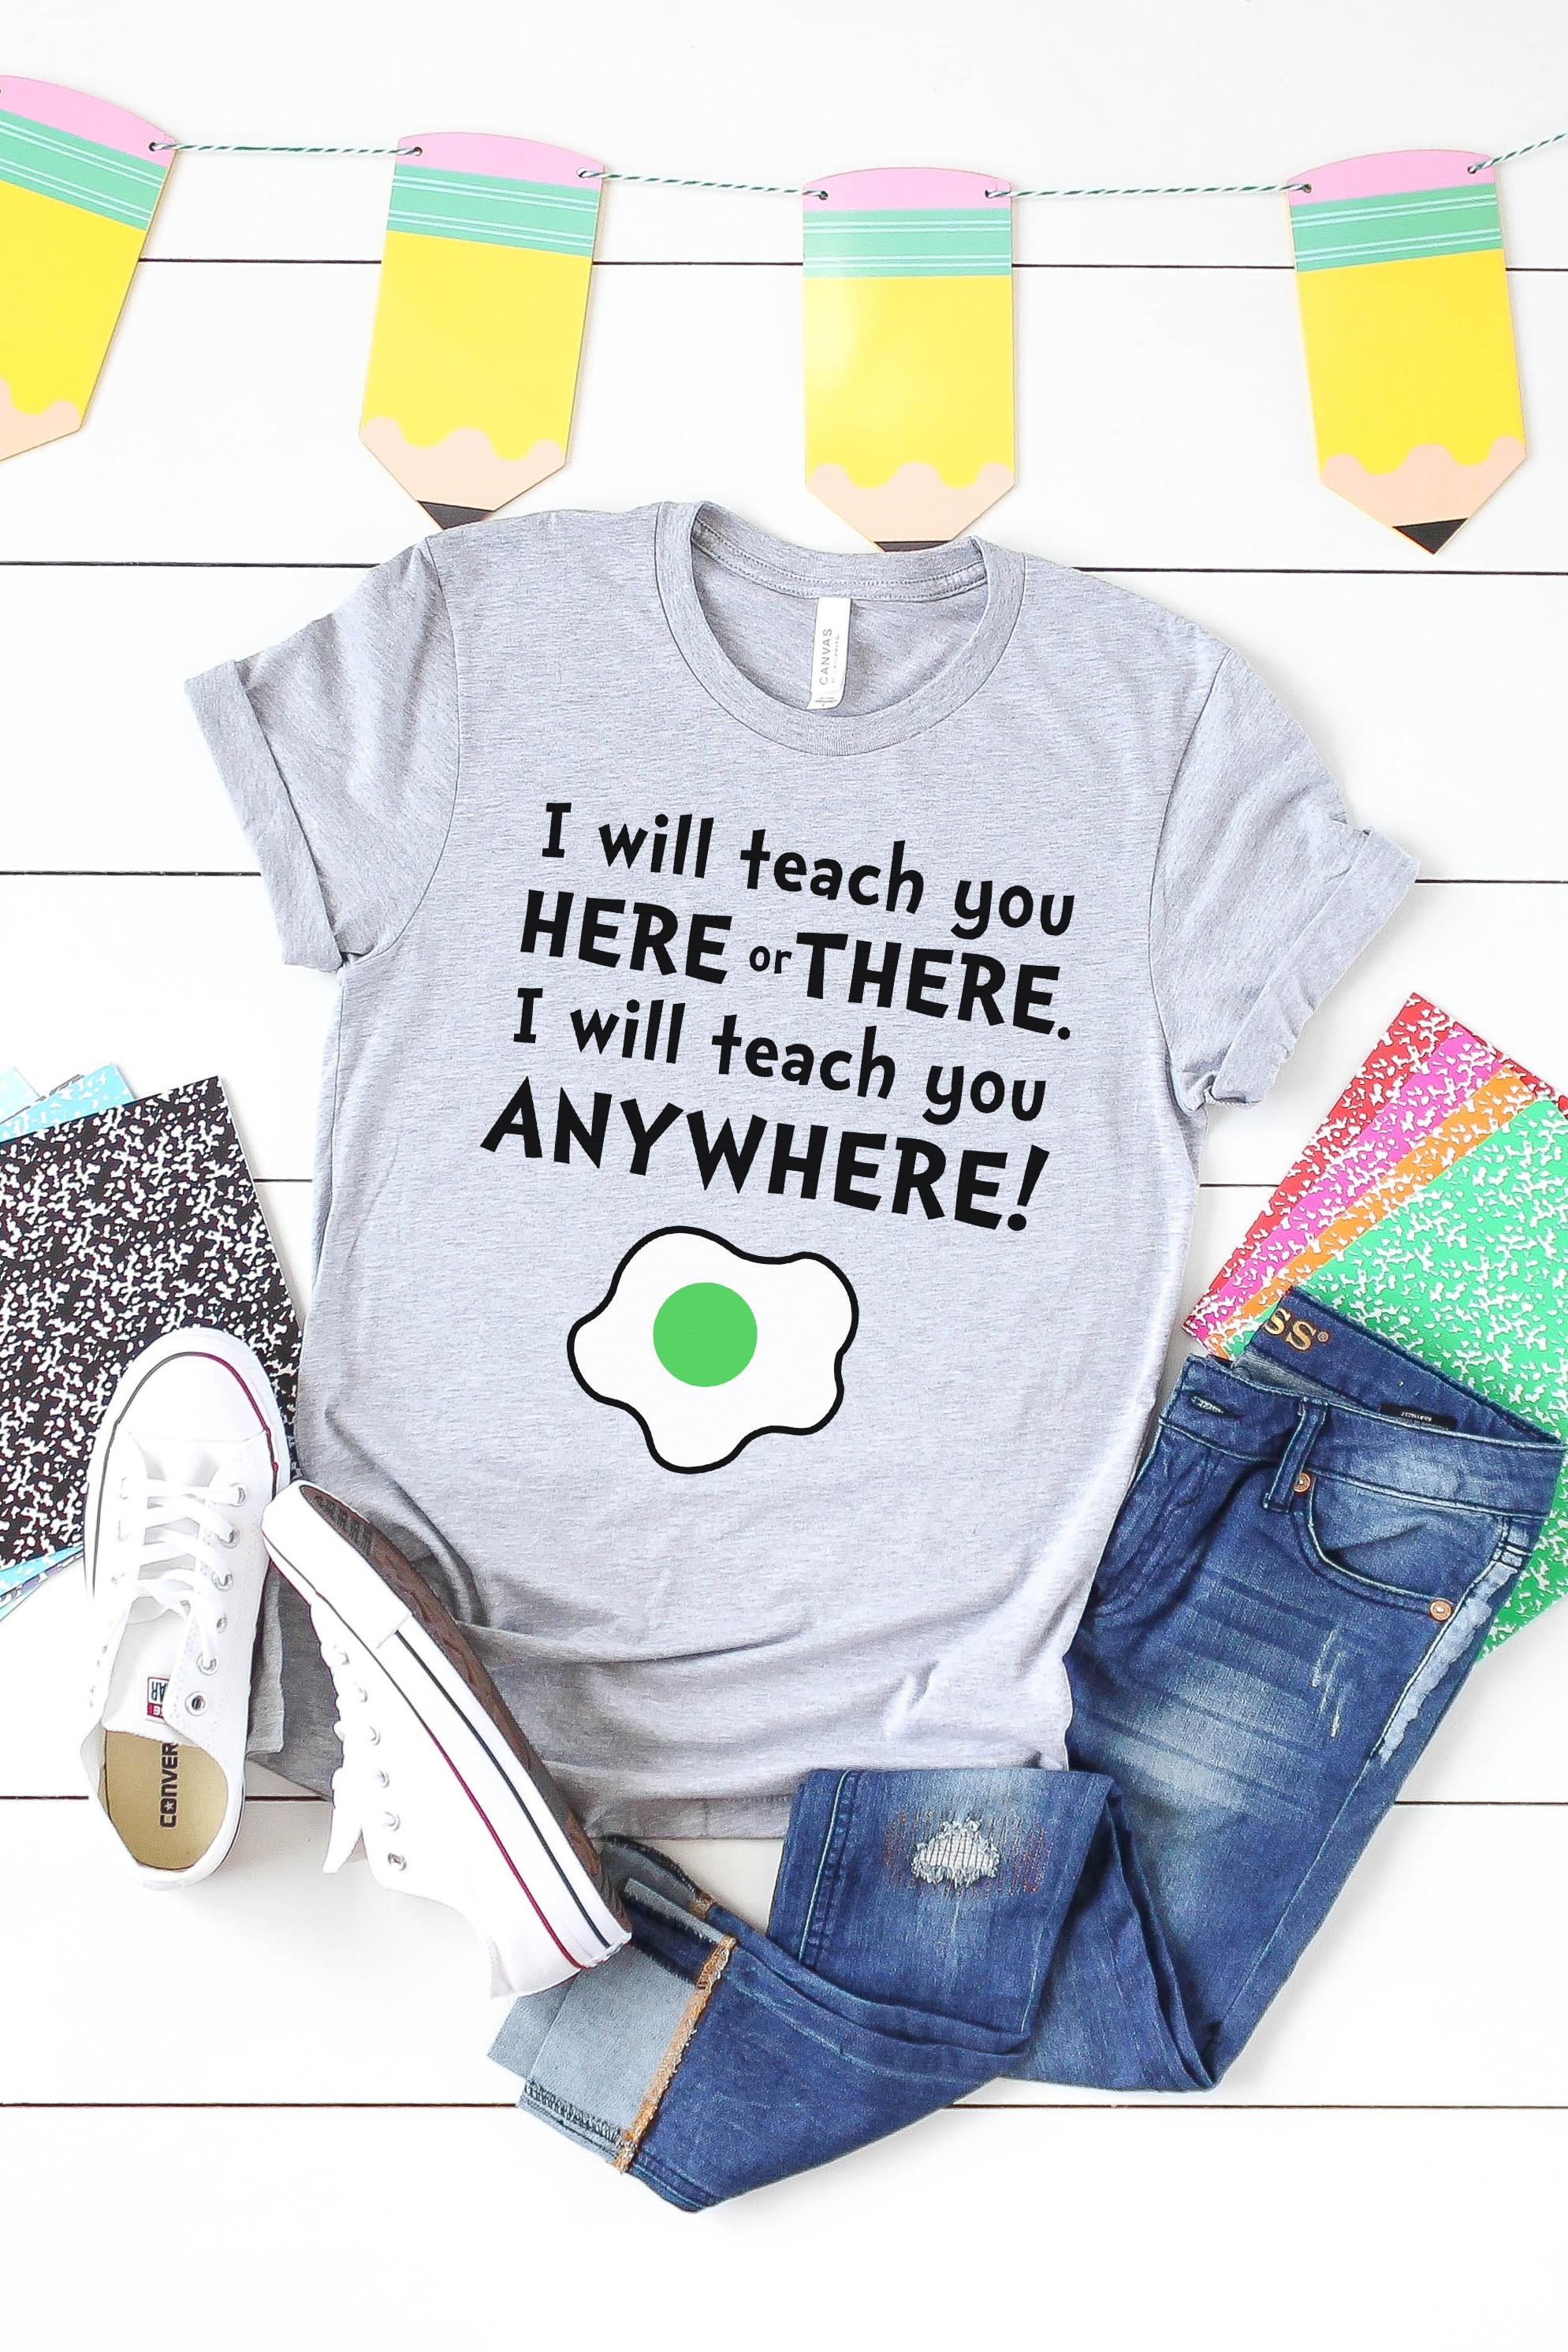 Dr. Seuss Inspired SVG File for Teachers